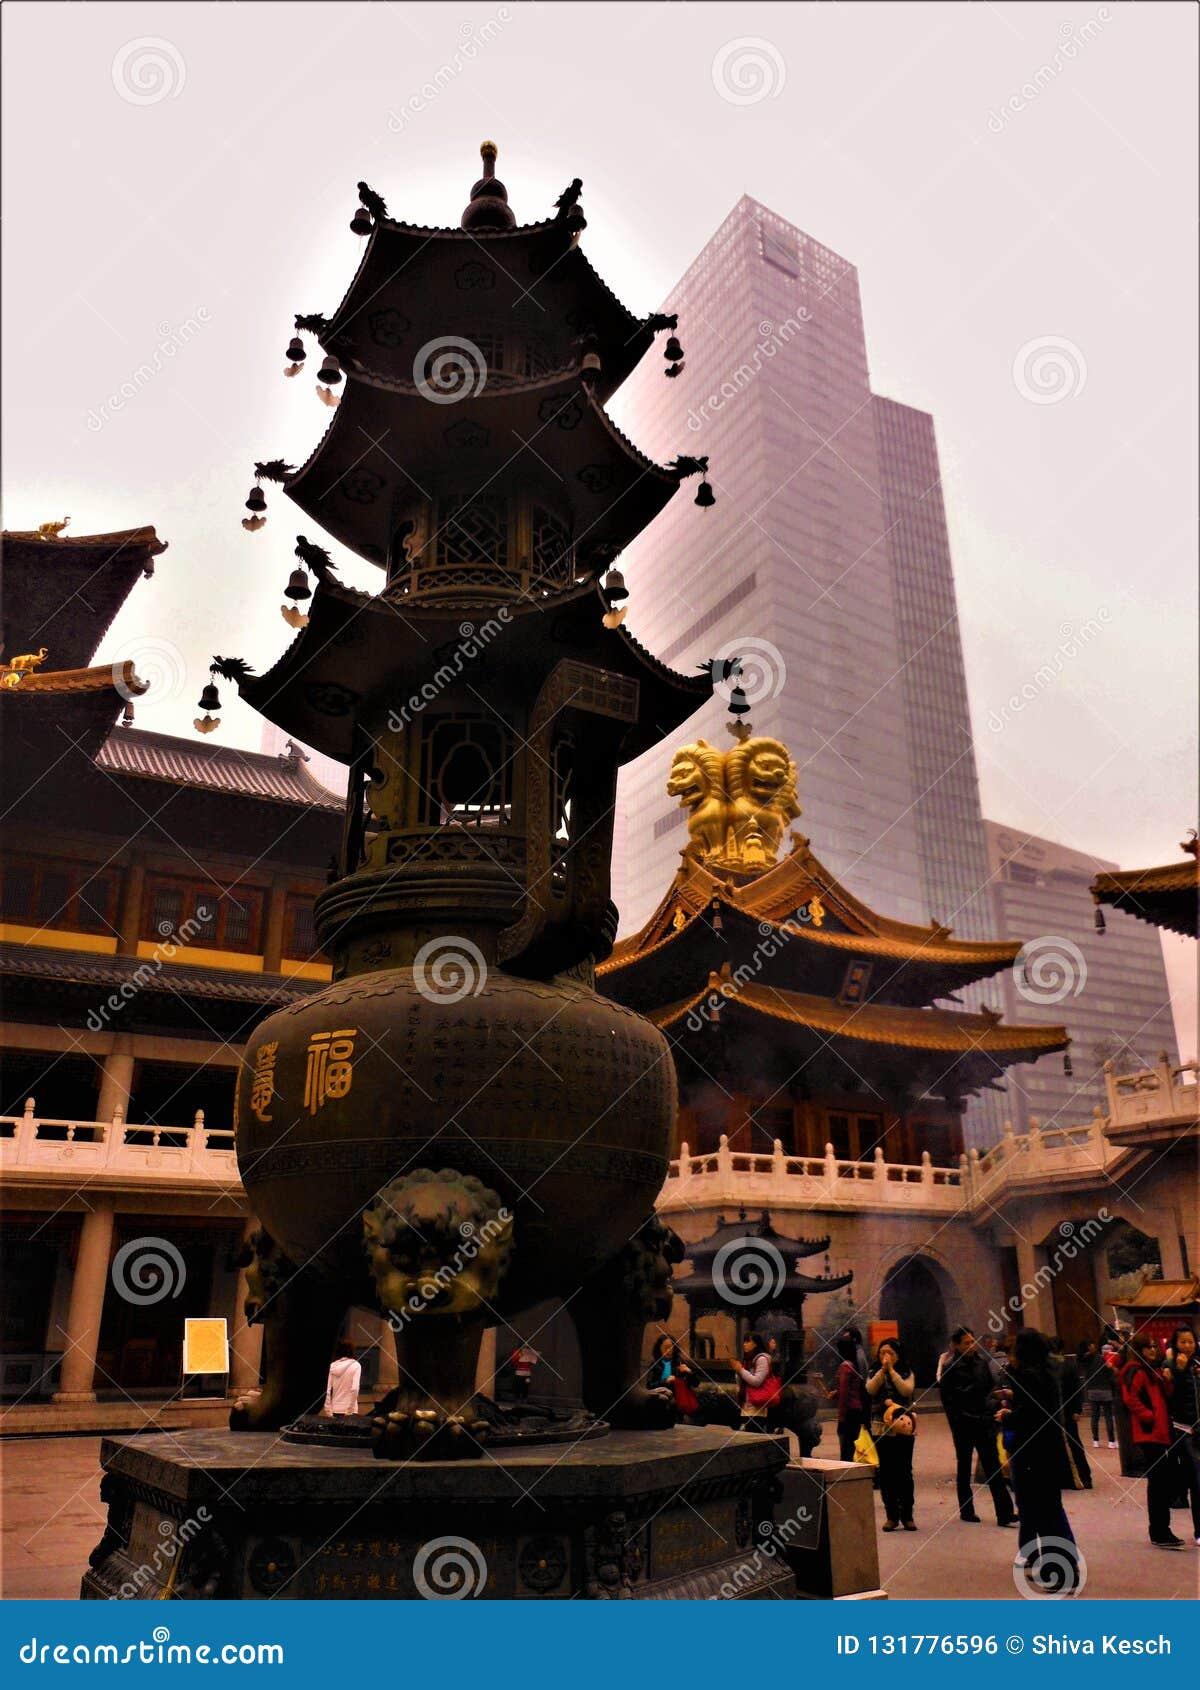 Kinesisk tradition och modernitet, religion och skyskrapa